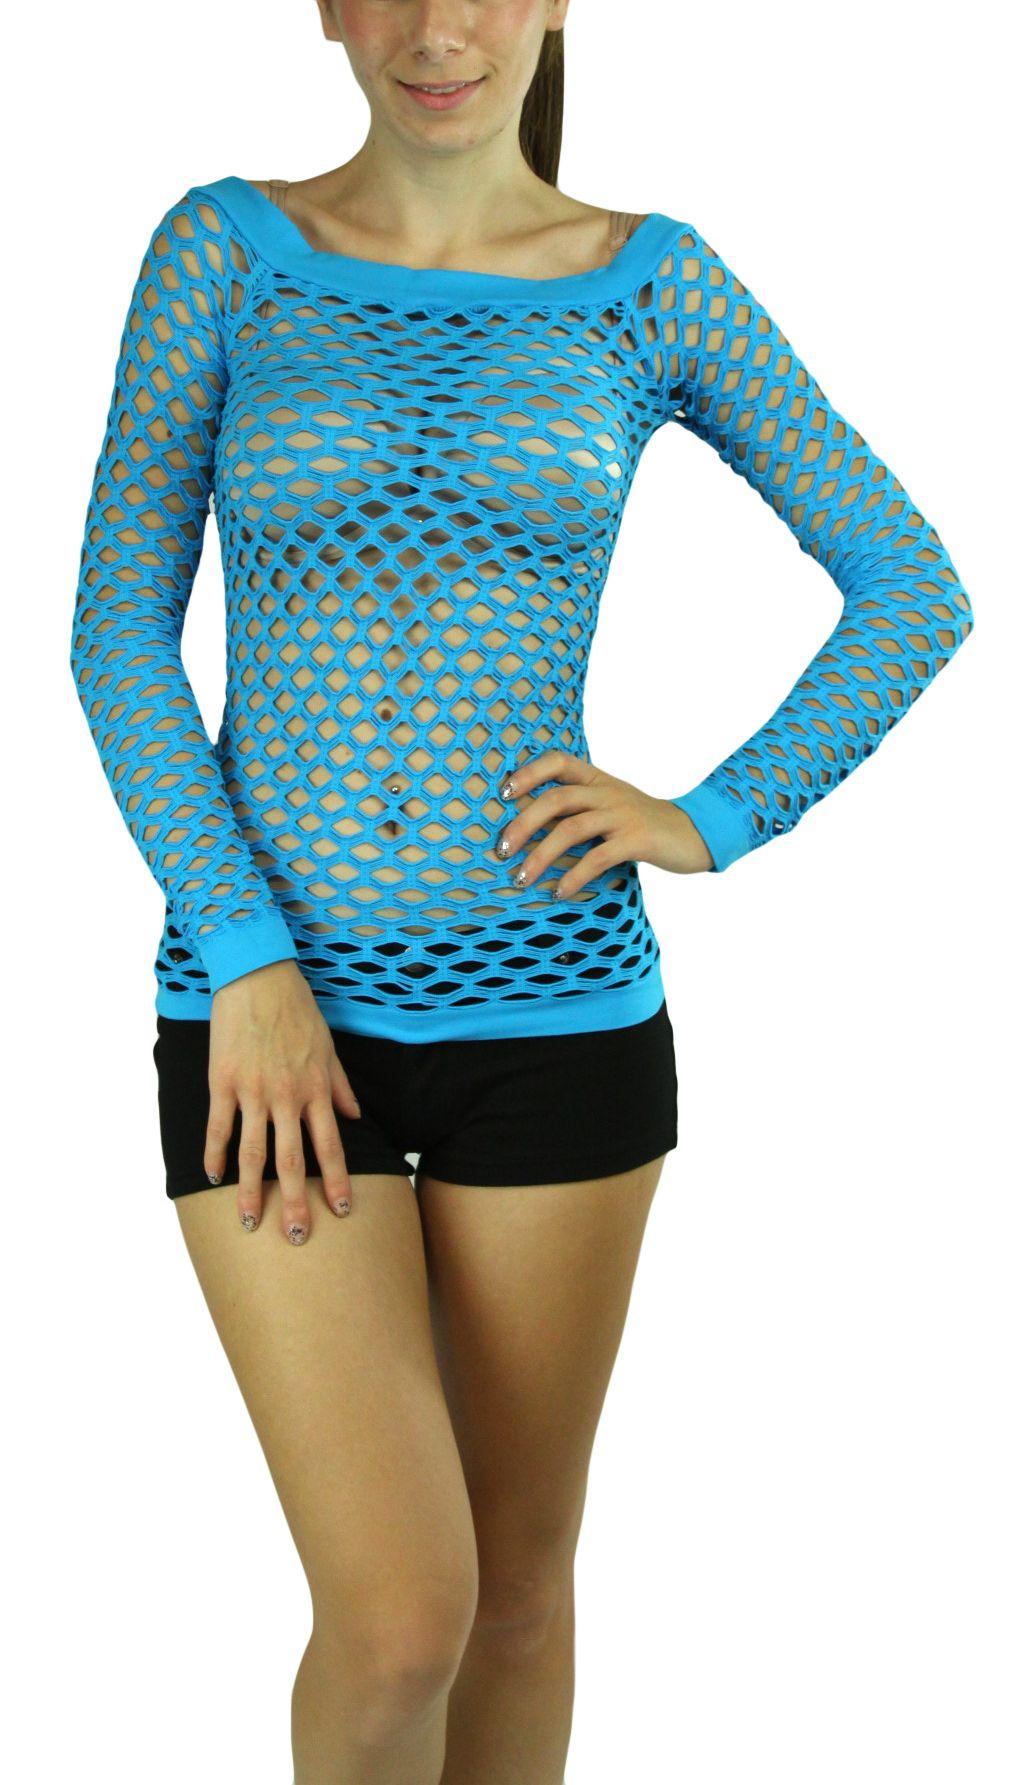 65e9bd3d929 A Sexy Long Sleeve Fishnet Shirt Women Tops Blouse GoGo Dance Wear ...